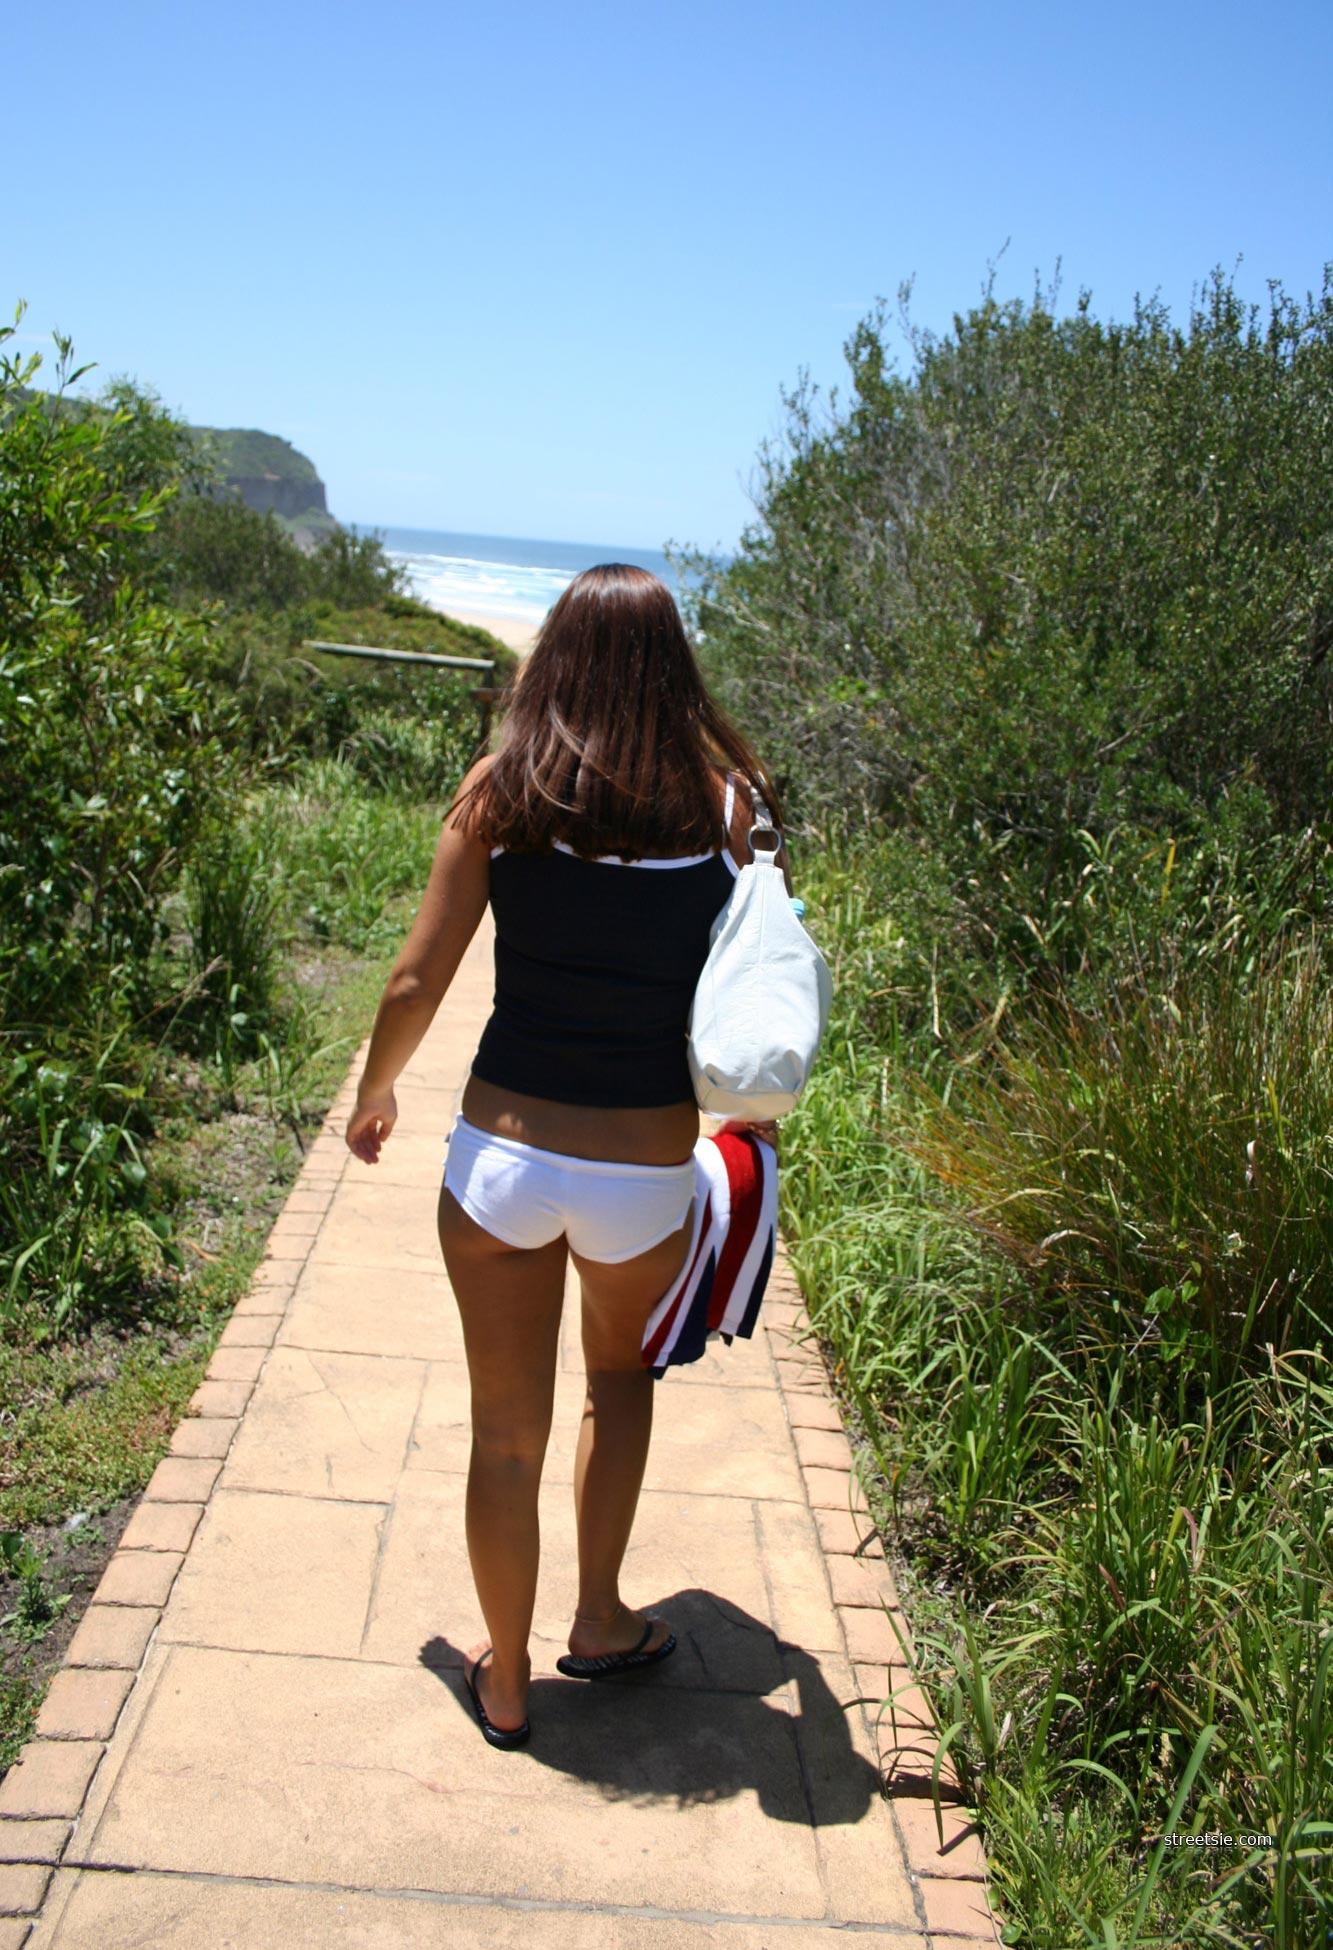 Aussie Bikini Beach Babes